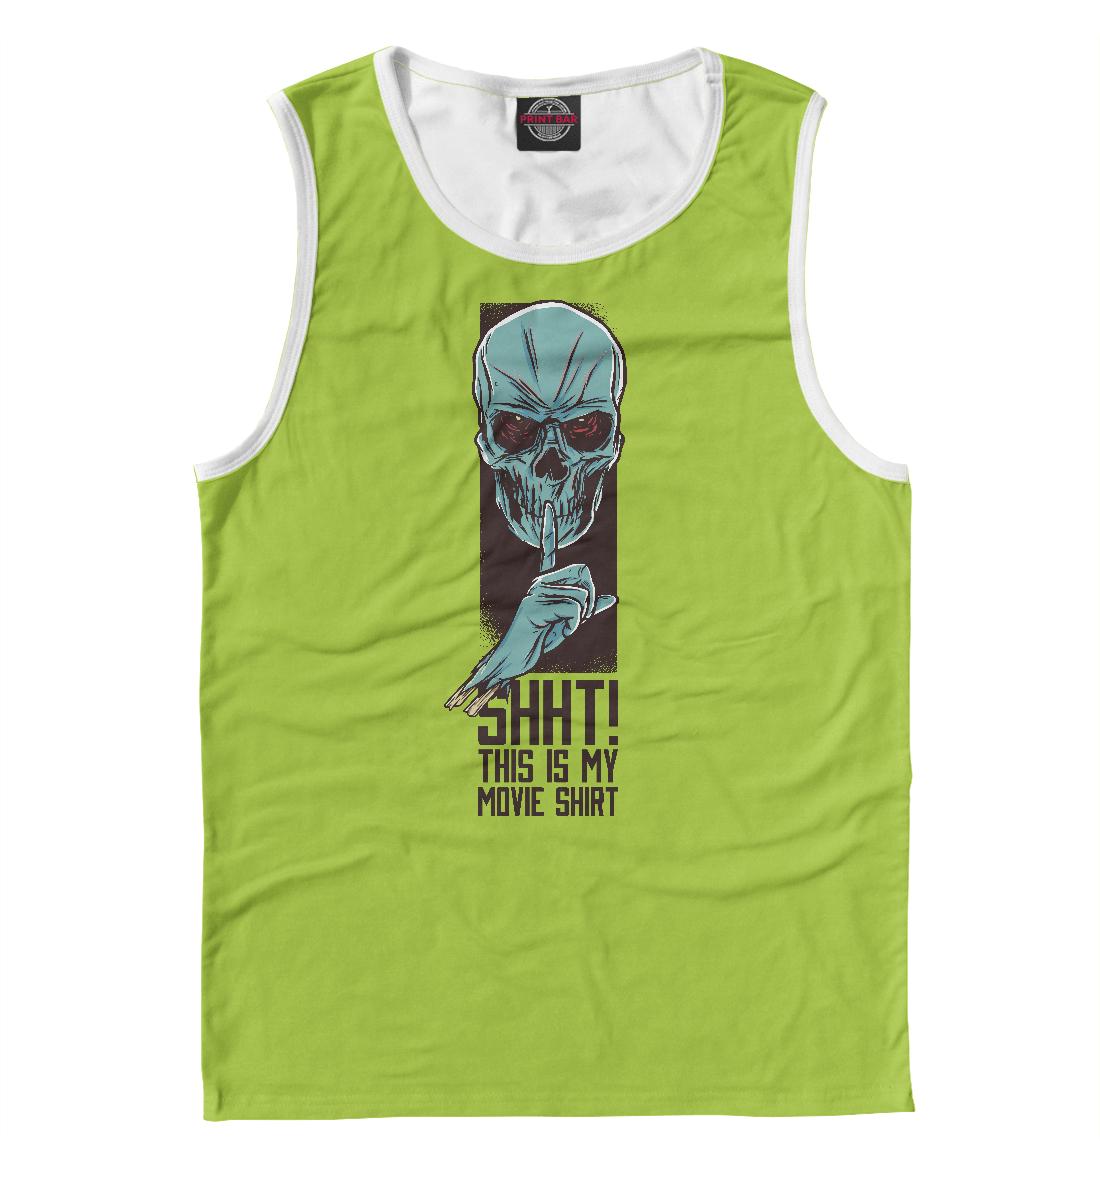 Movie shirt